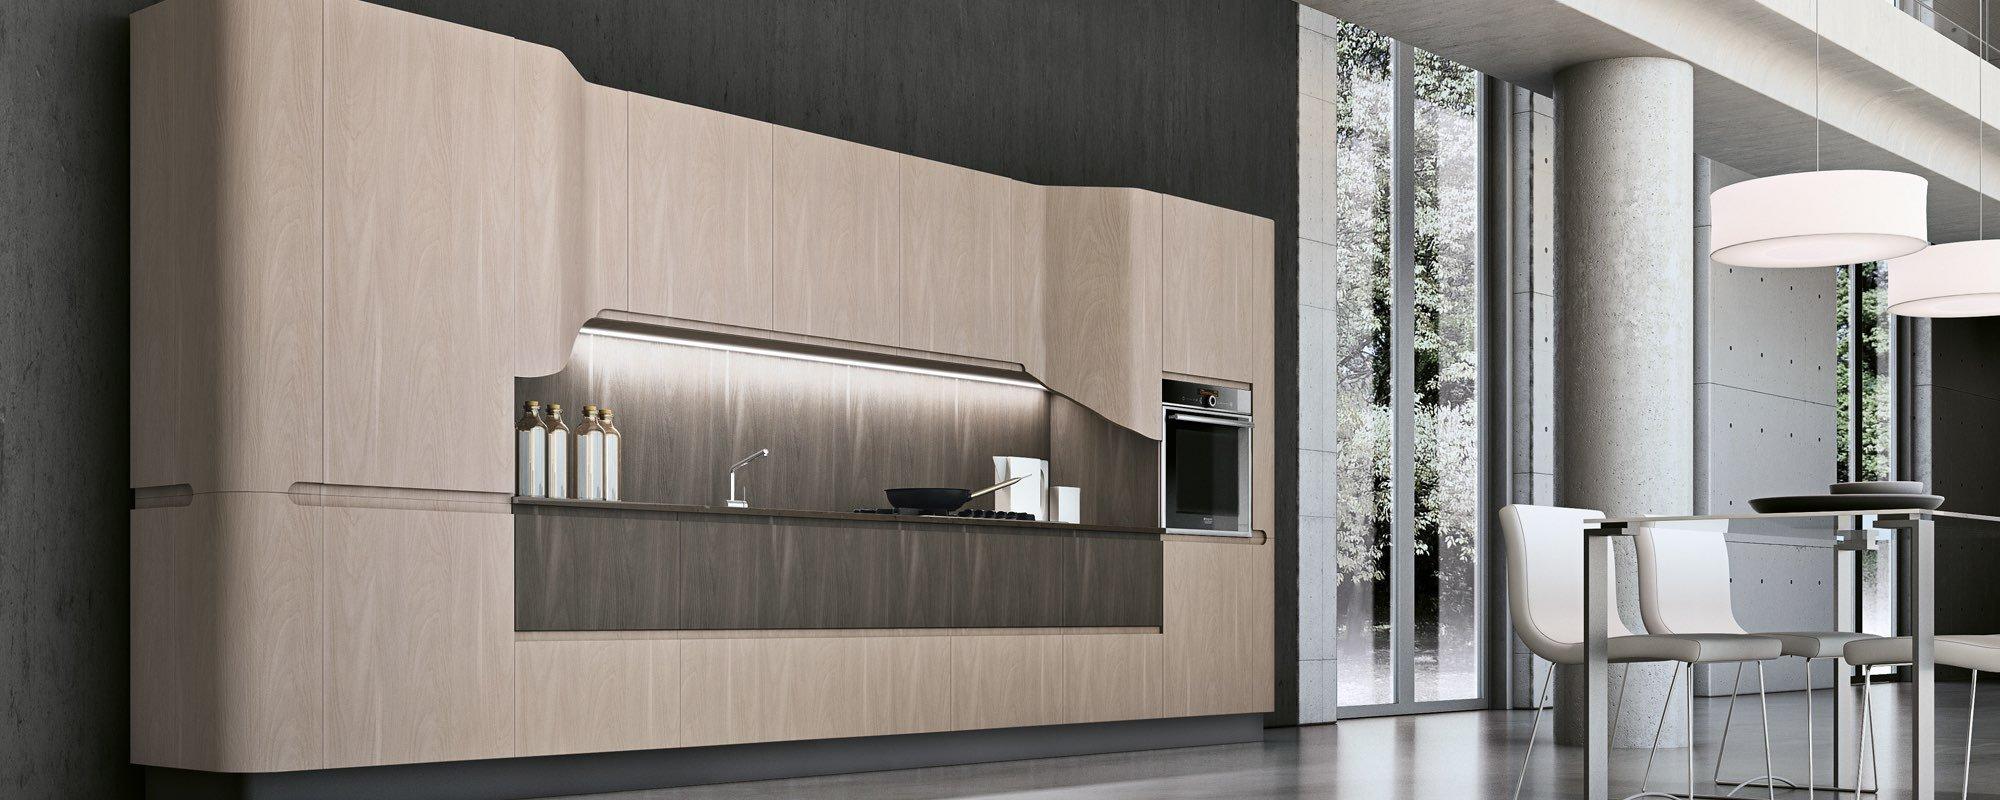 vista laterale di cucina moderna in legno a scomparsa - BRING